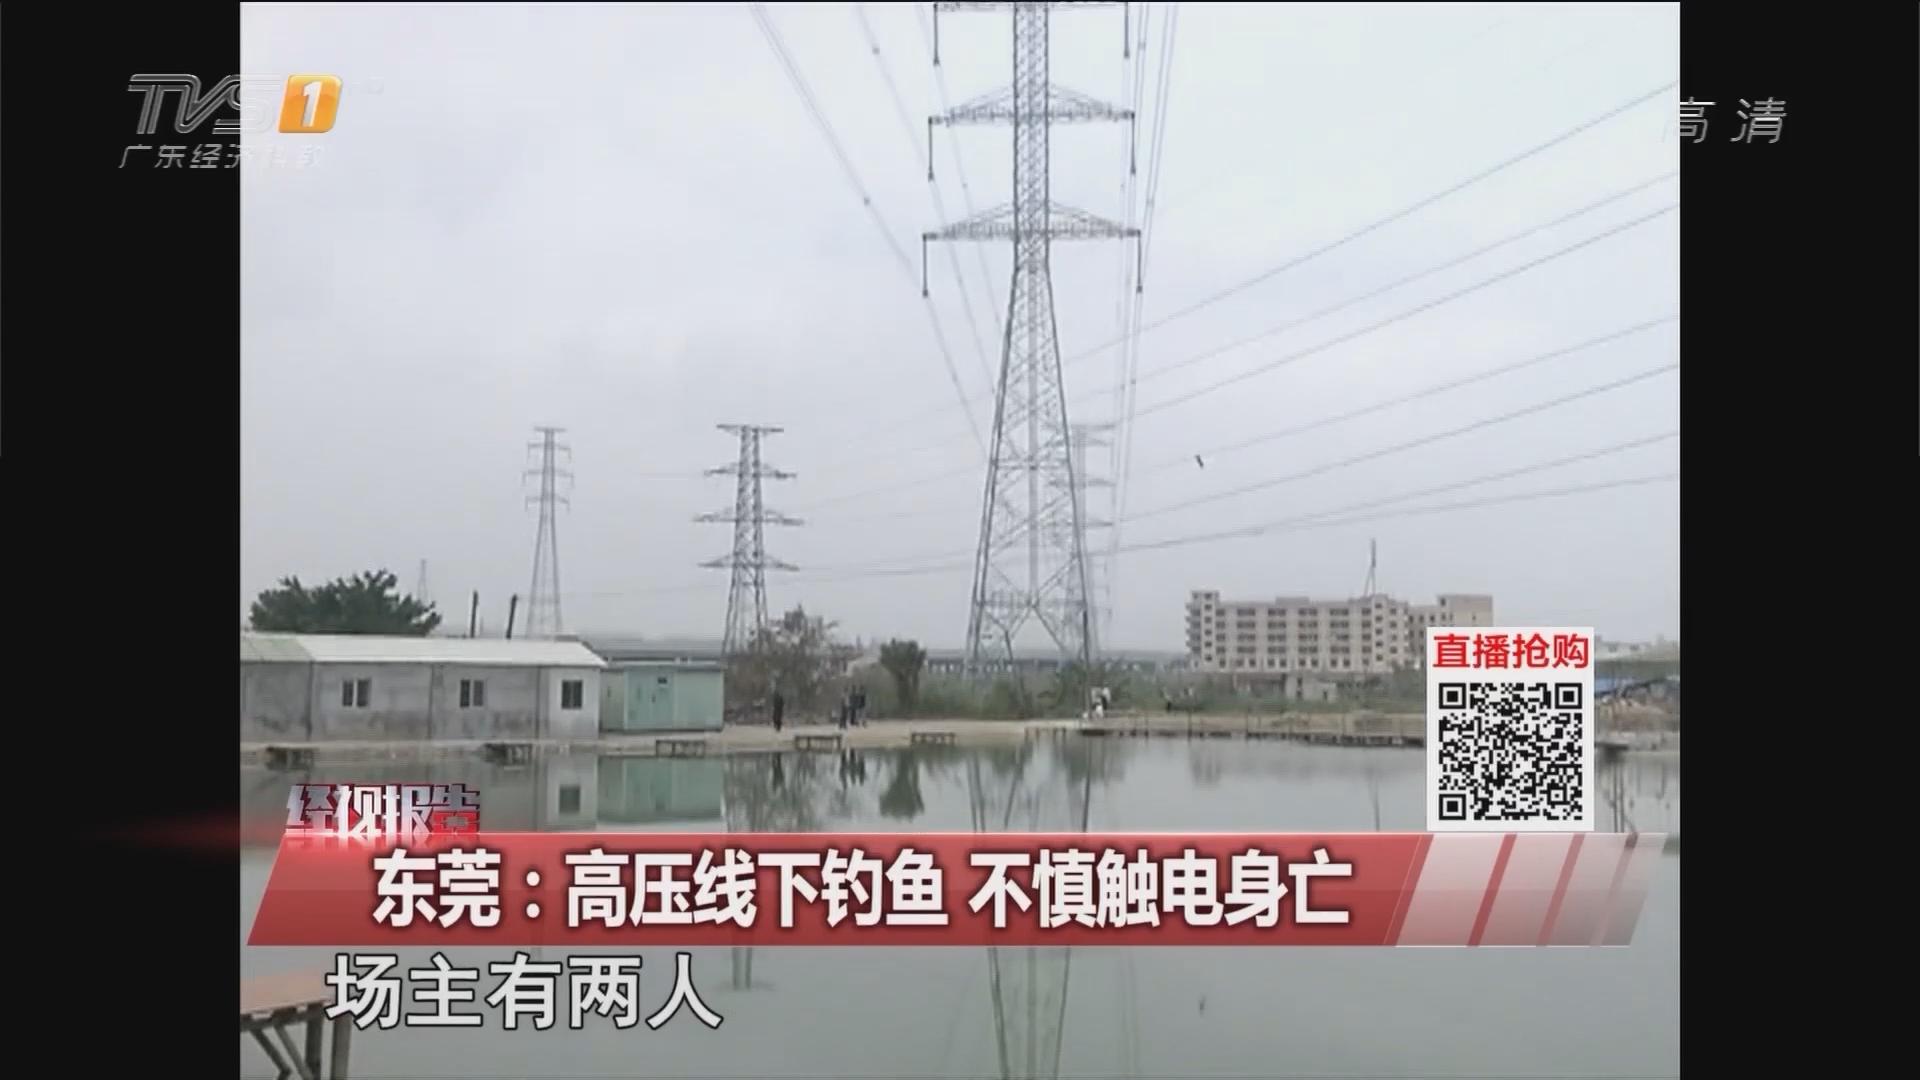 东莞:高压线下钓鱼 不慎触电身亡